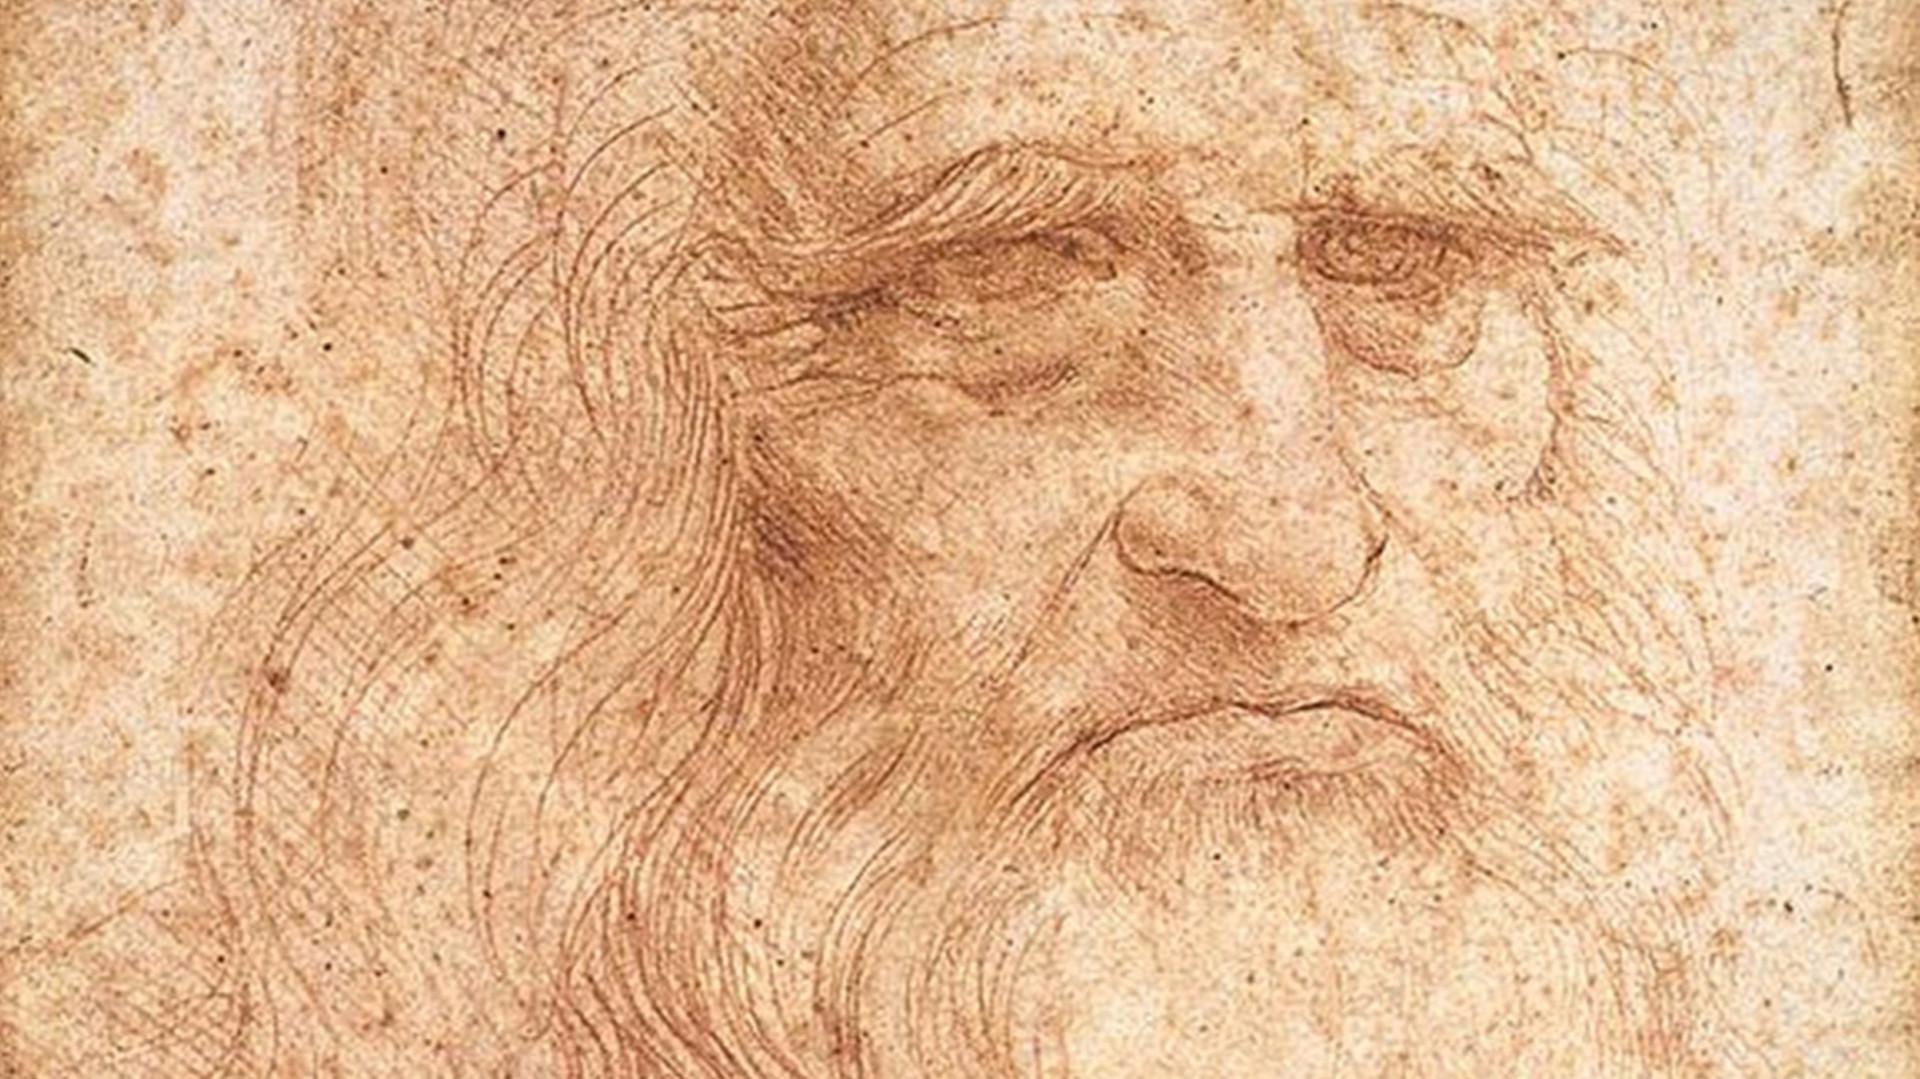 Missing Link: Beobachter und Nerd – zum 500. Todestag von Leonardo da Vinci